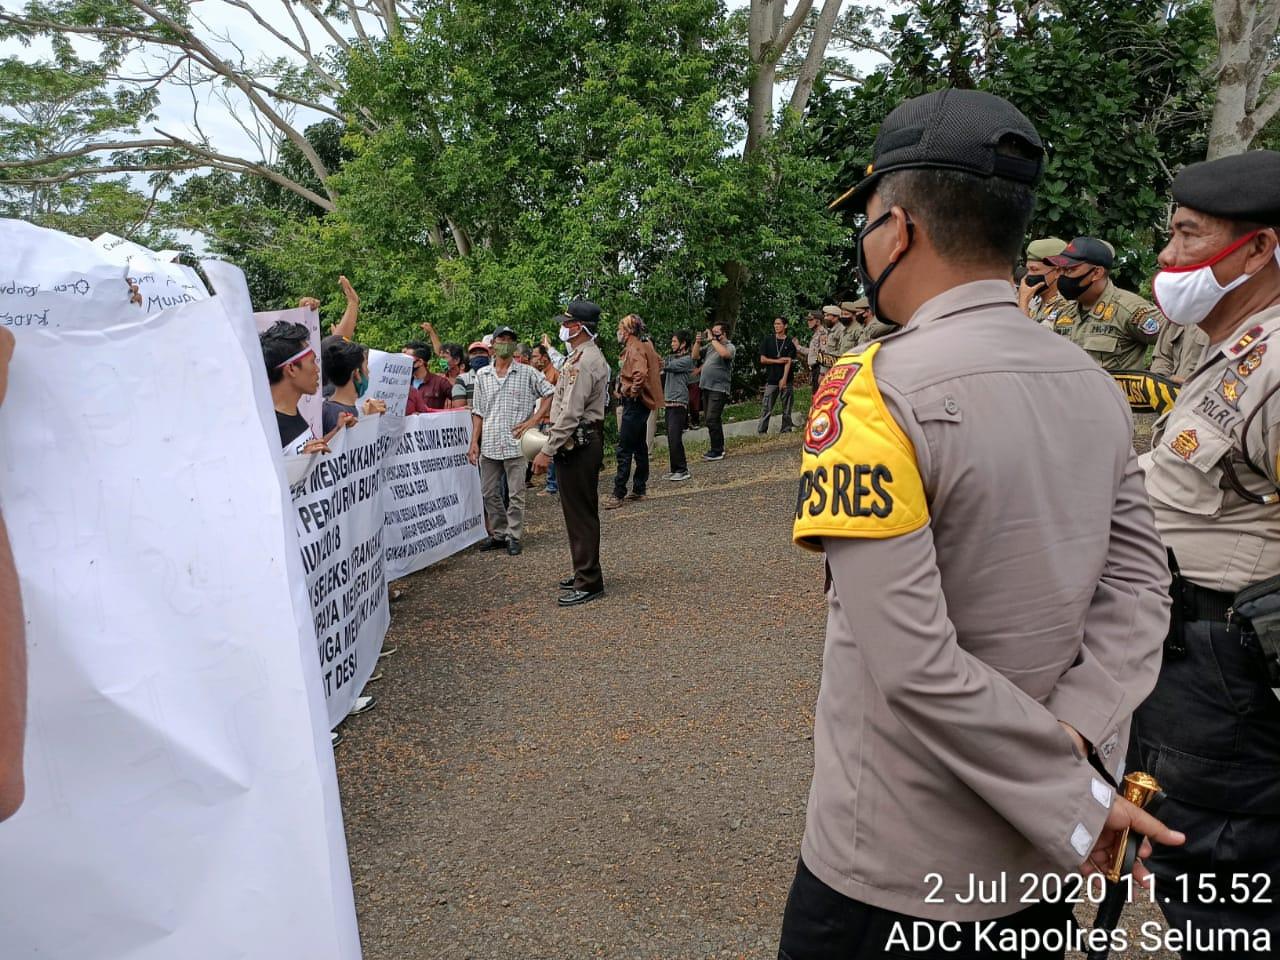 Polres Seluma Polda Bengkulu Amankan Unras Masyarakat Minta Aktifkan Kembali Kades di Seluma